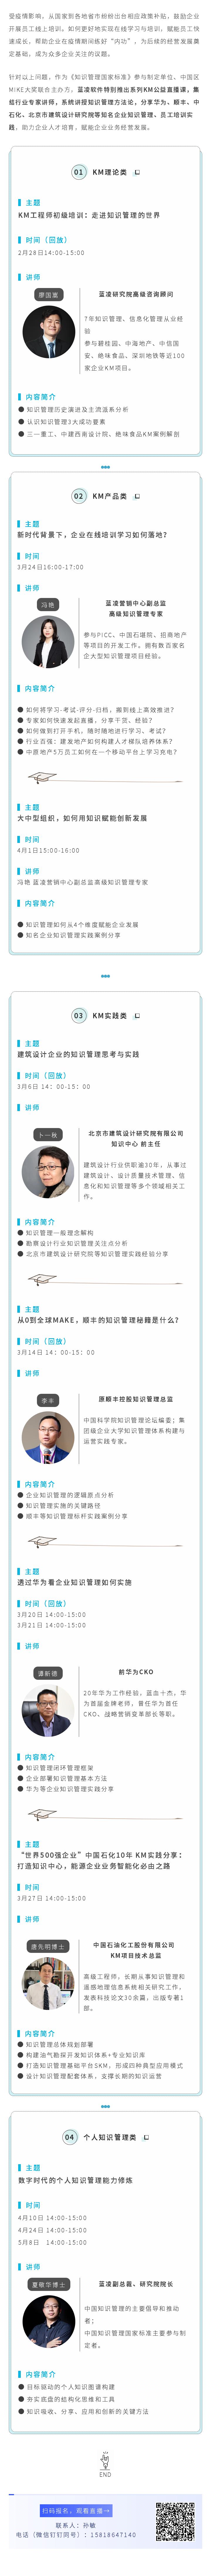 【8大KM公益直播课】华为、顺丰、中石化知识管理实践分享来啦!